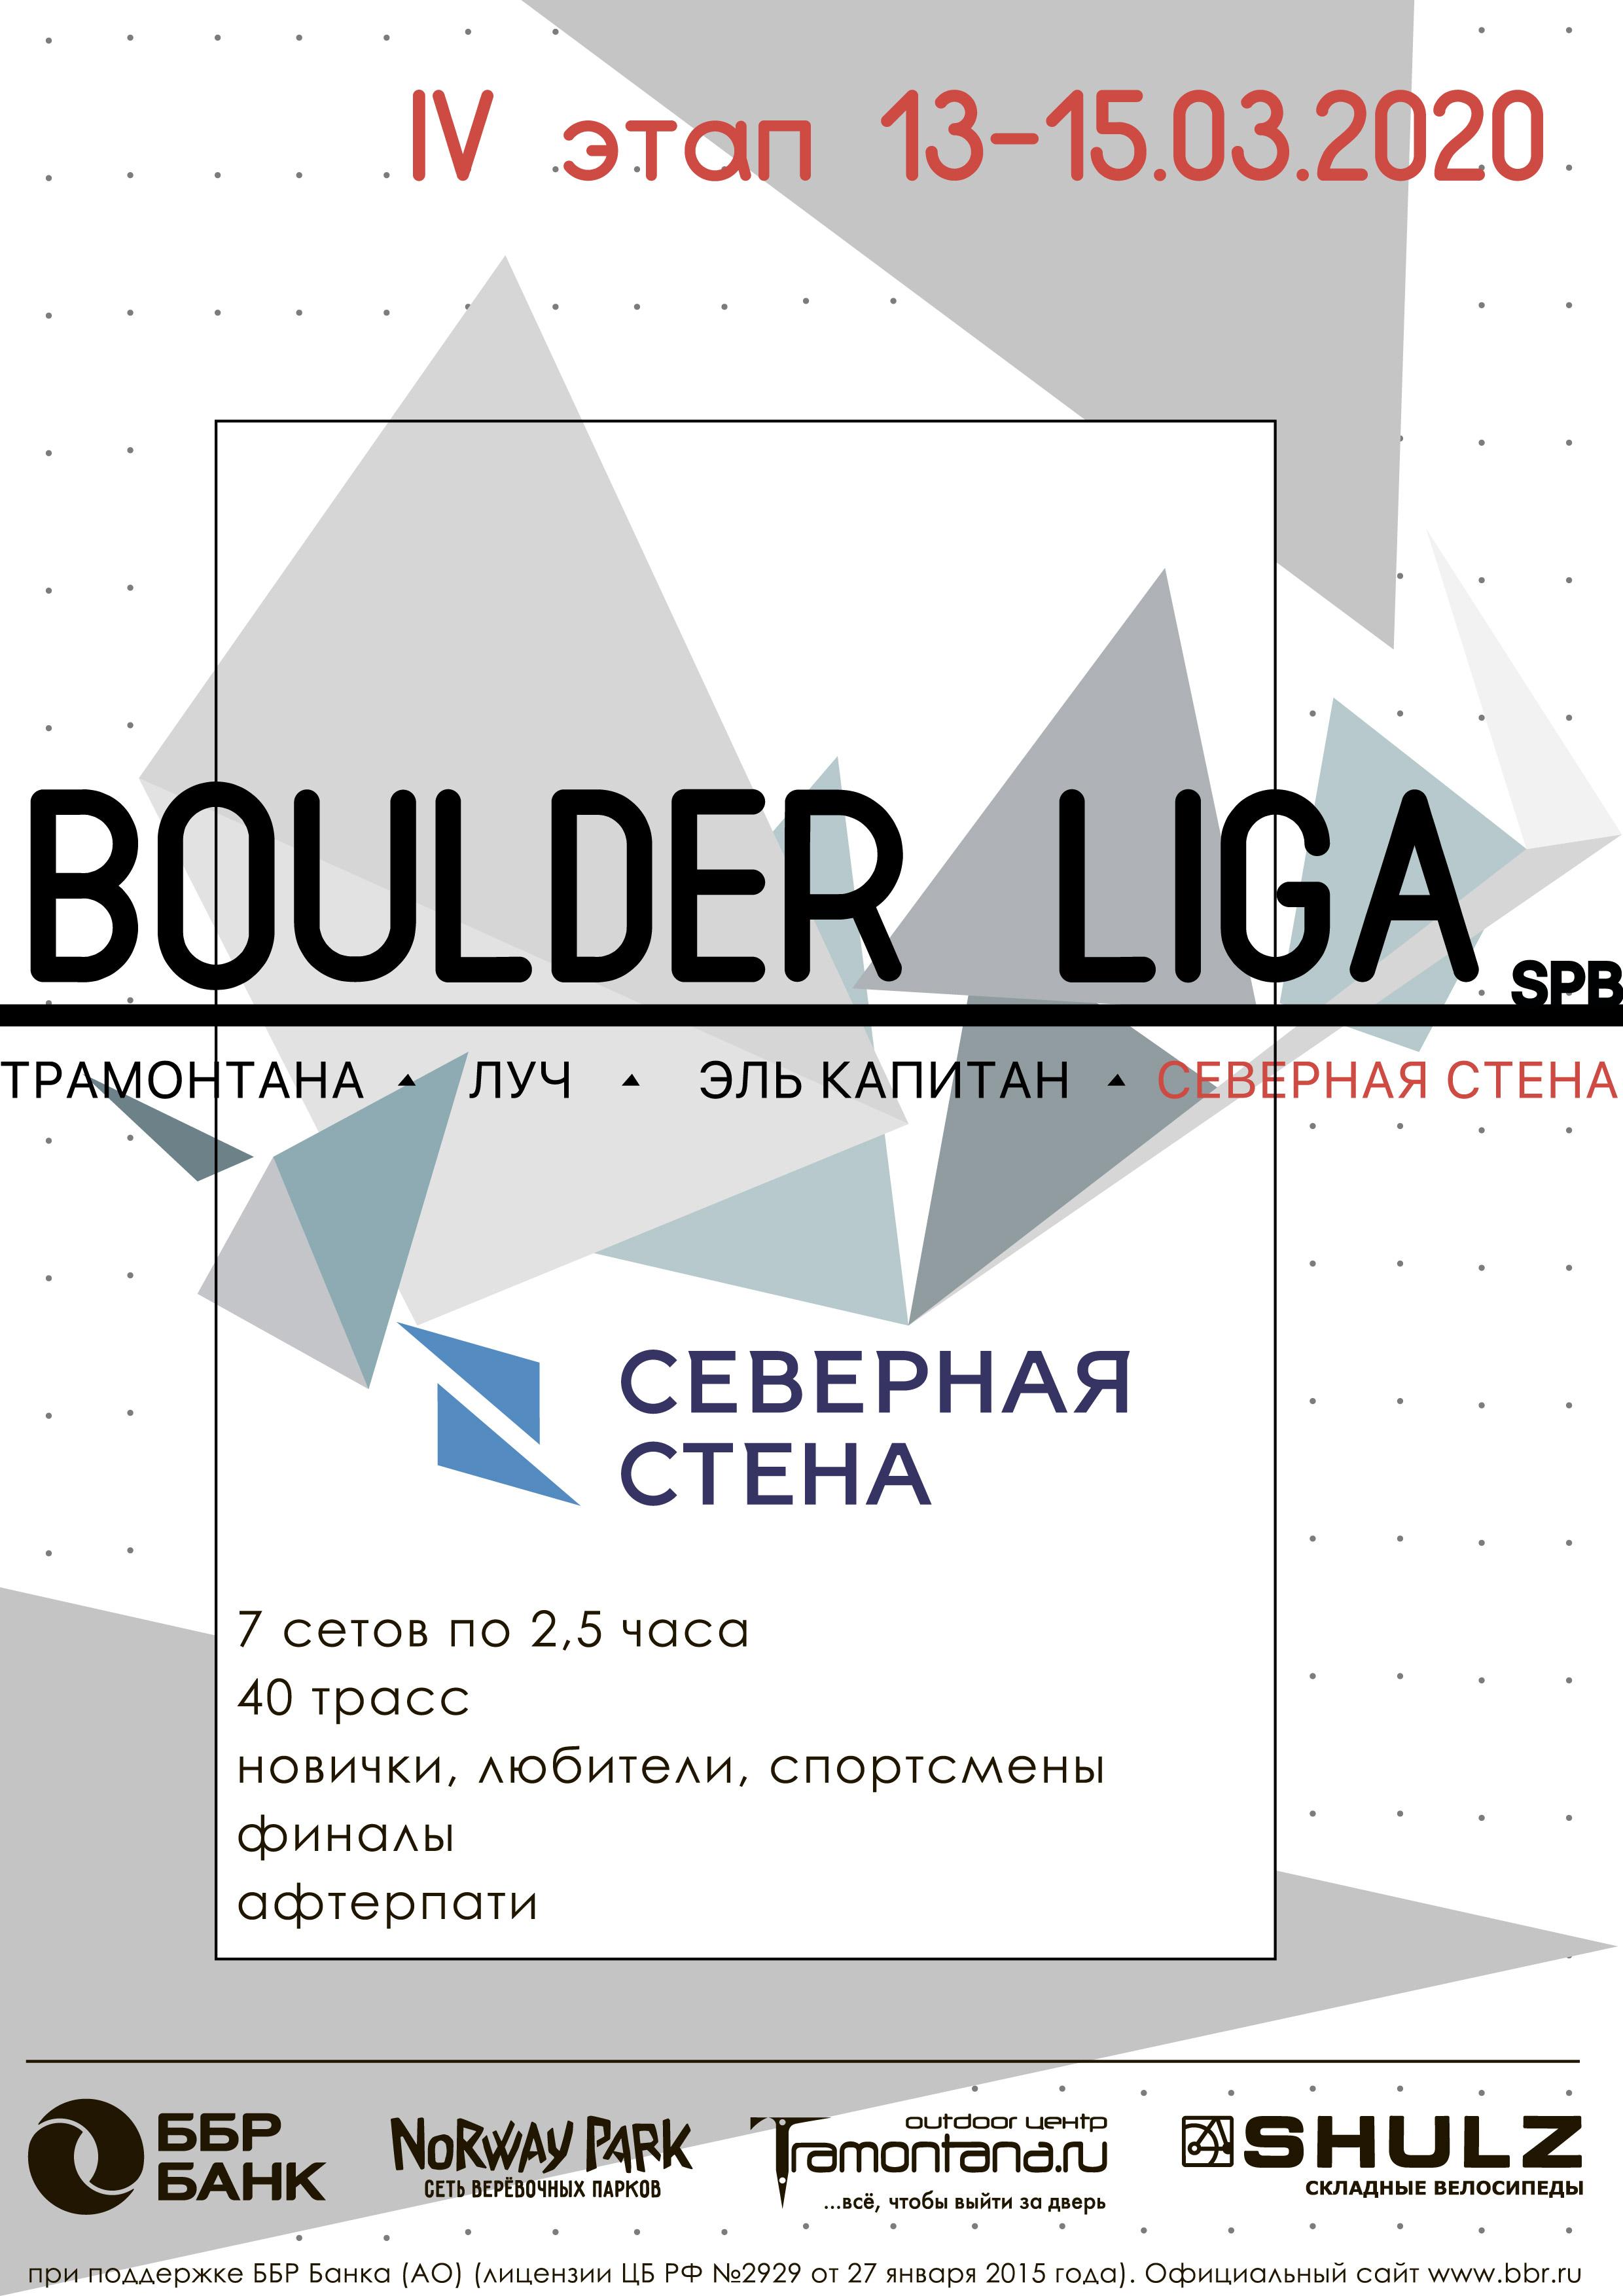 afisha_bolder_liga-04